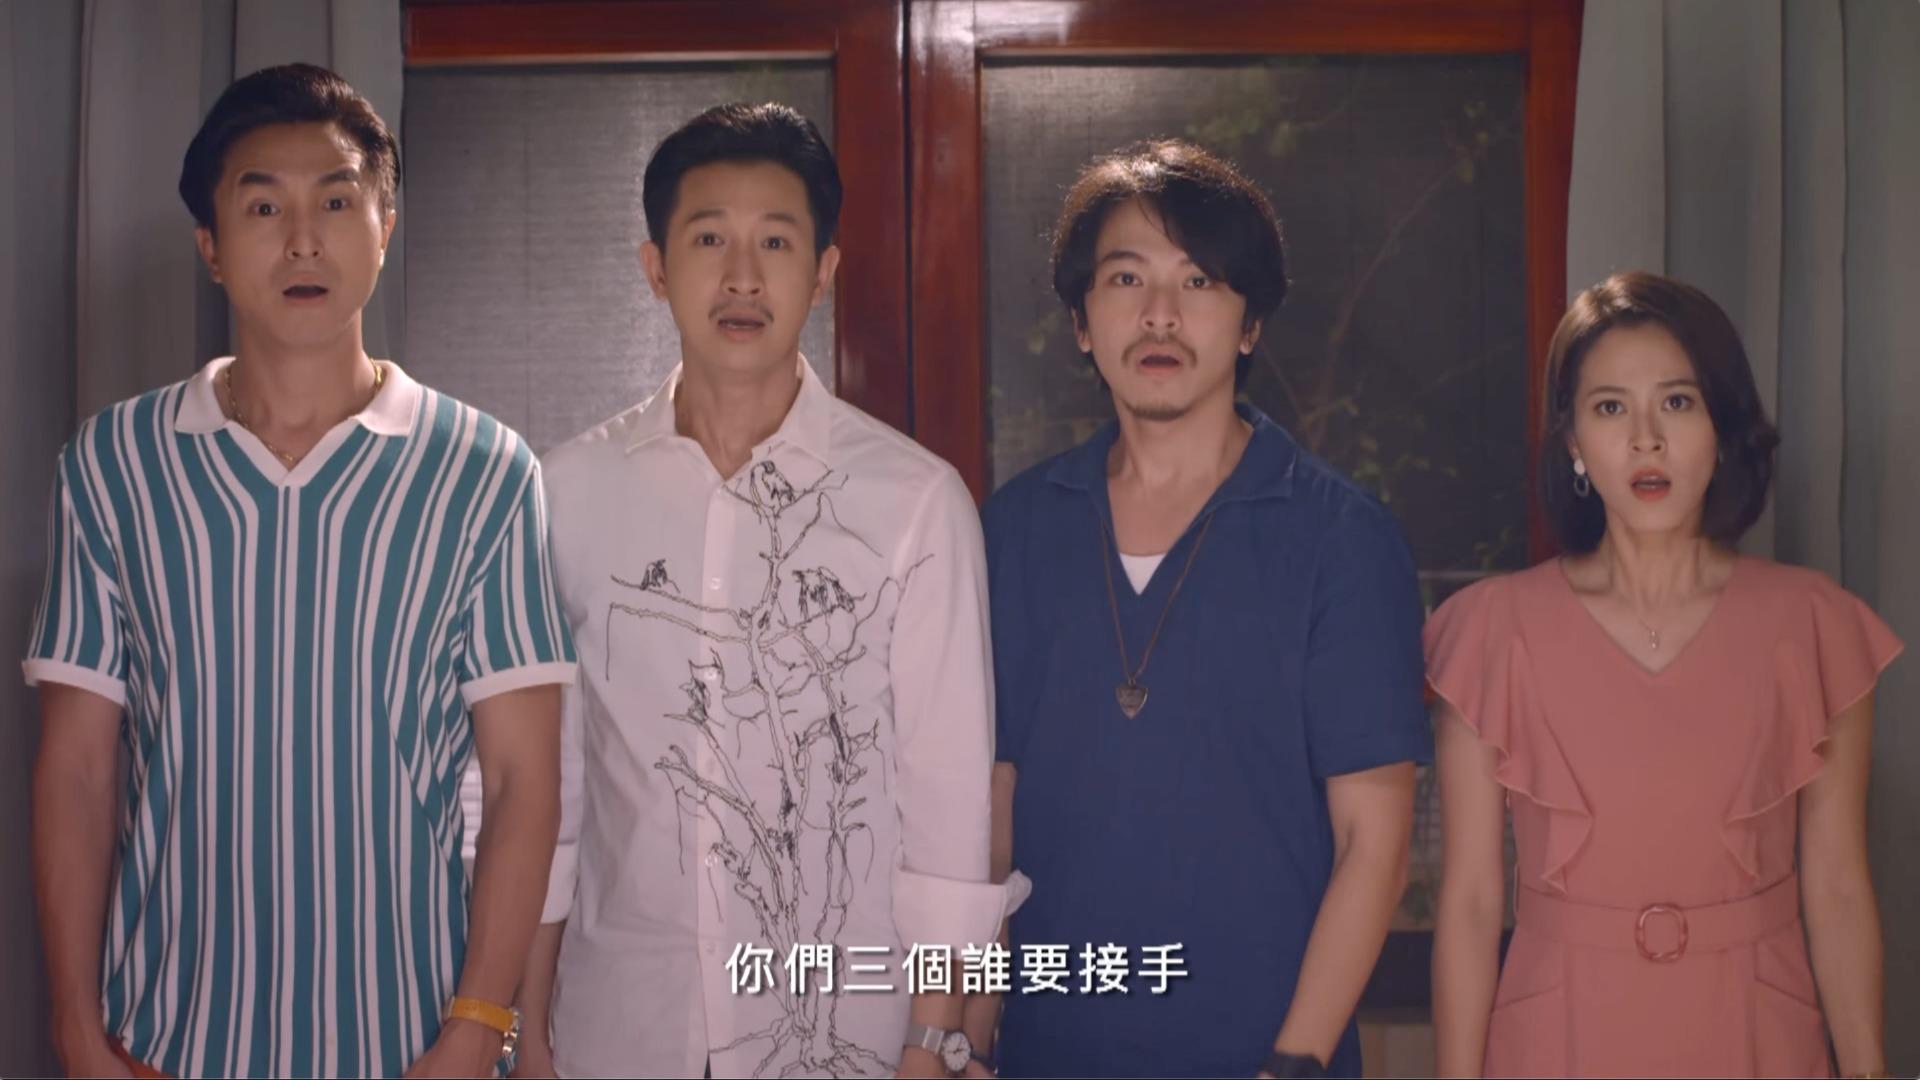 《我的婆婆怎麼那麼可愛》蘇晏霈曝選對象不考慮「這型」 坦言對同劇男演員有衝動